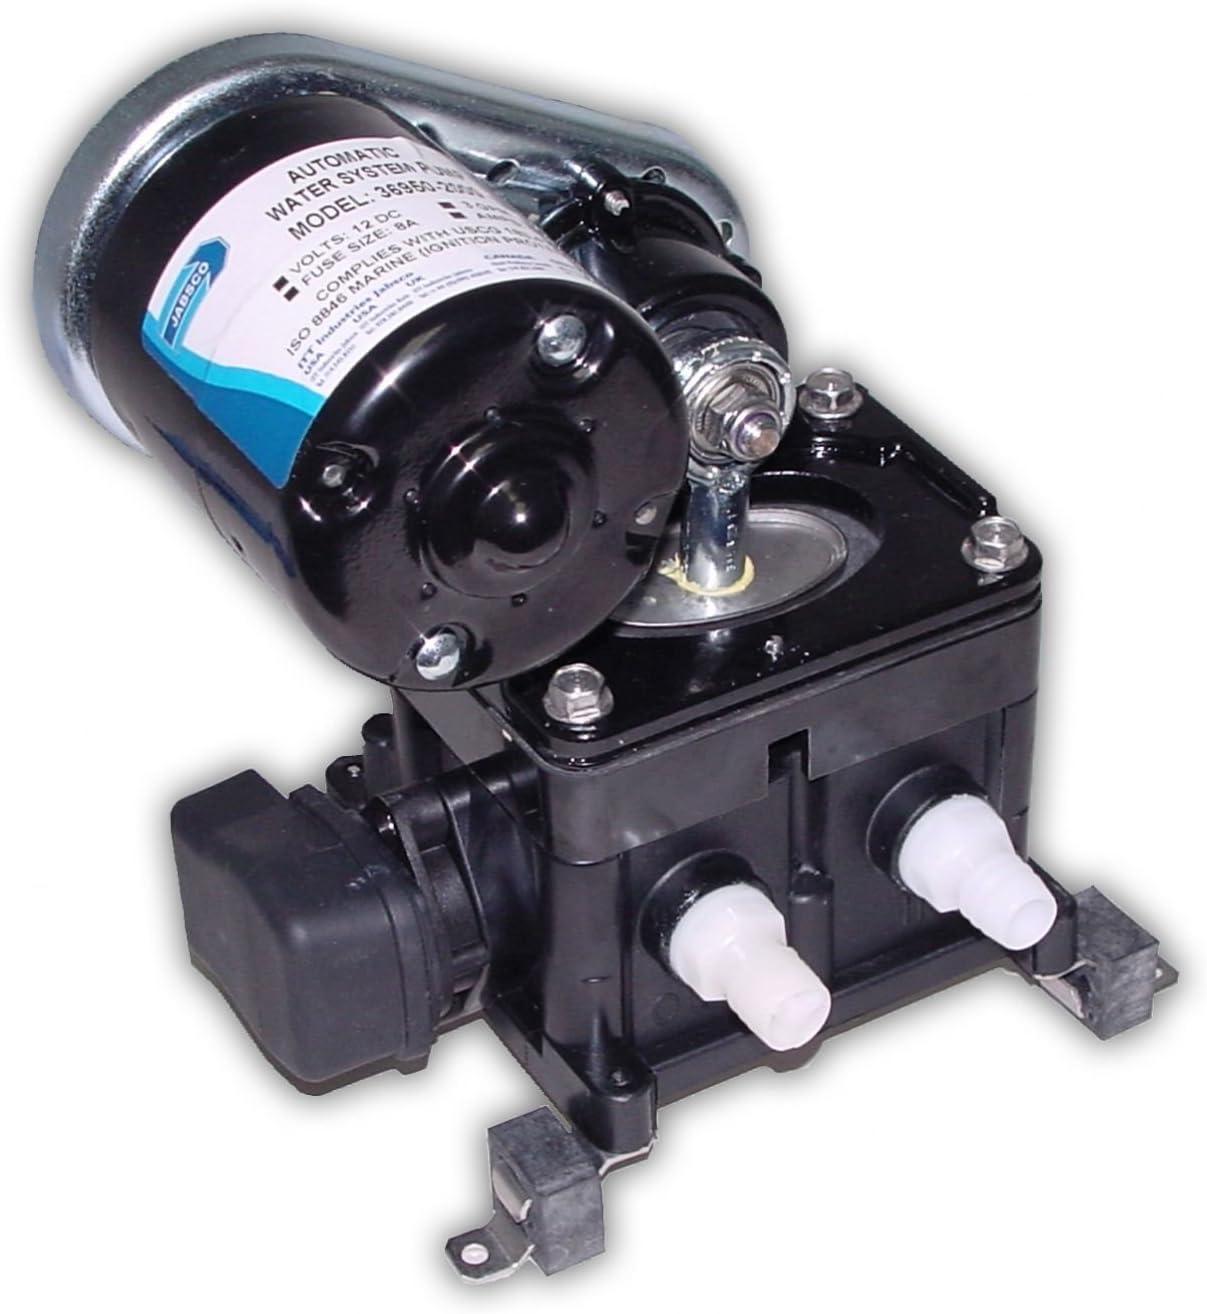 Jabsco 36950-2000 Marine PAR High Pressure Belt Drive Water Pressure Pump (3-GPM, 40-PSI, 12-Volt, 8-Amp, Up to 4 Outlets), Black